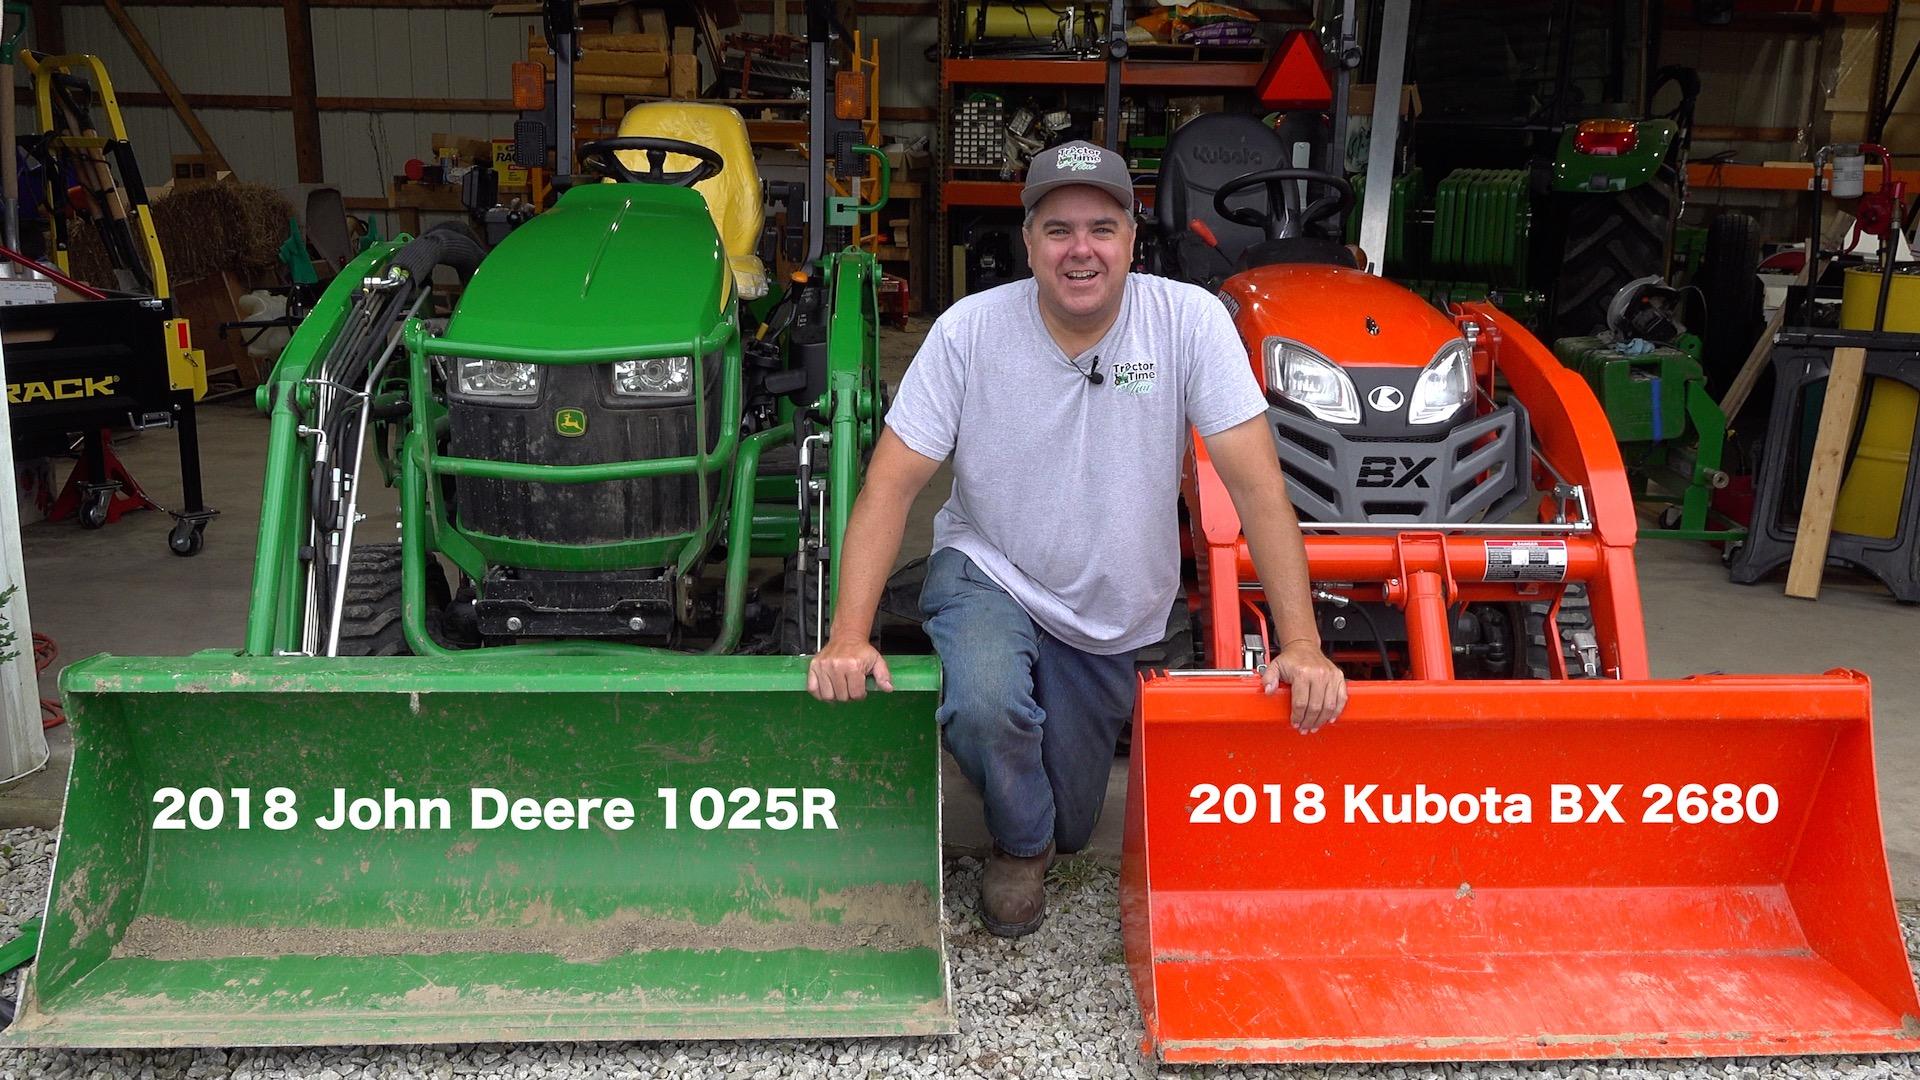 Kubota BX vs. John Deere 1025R